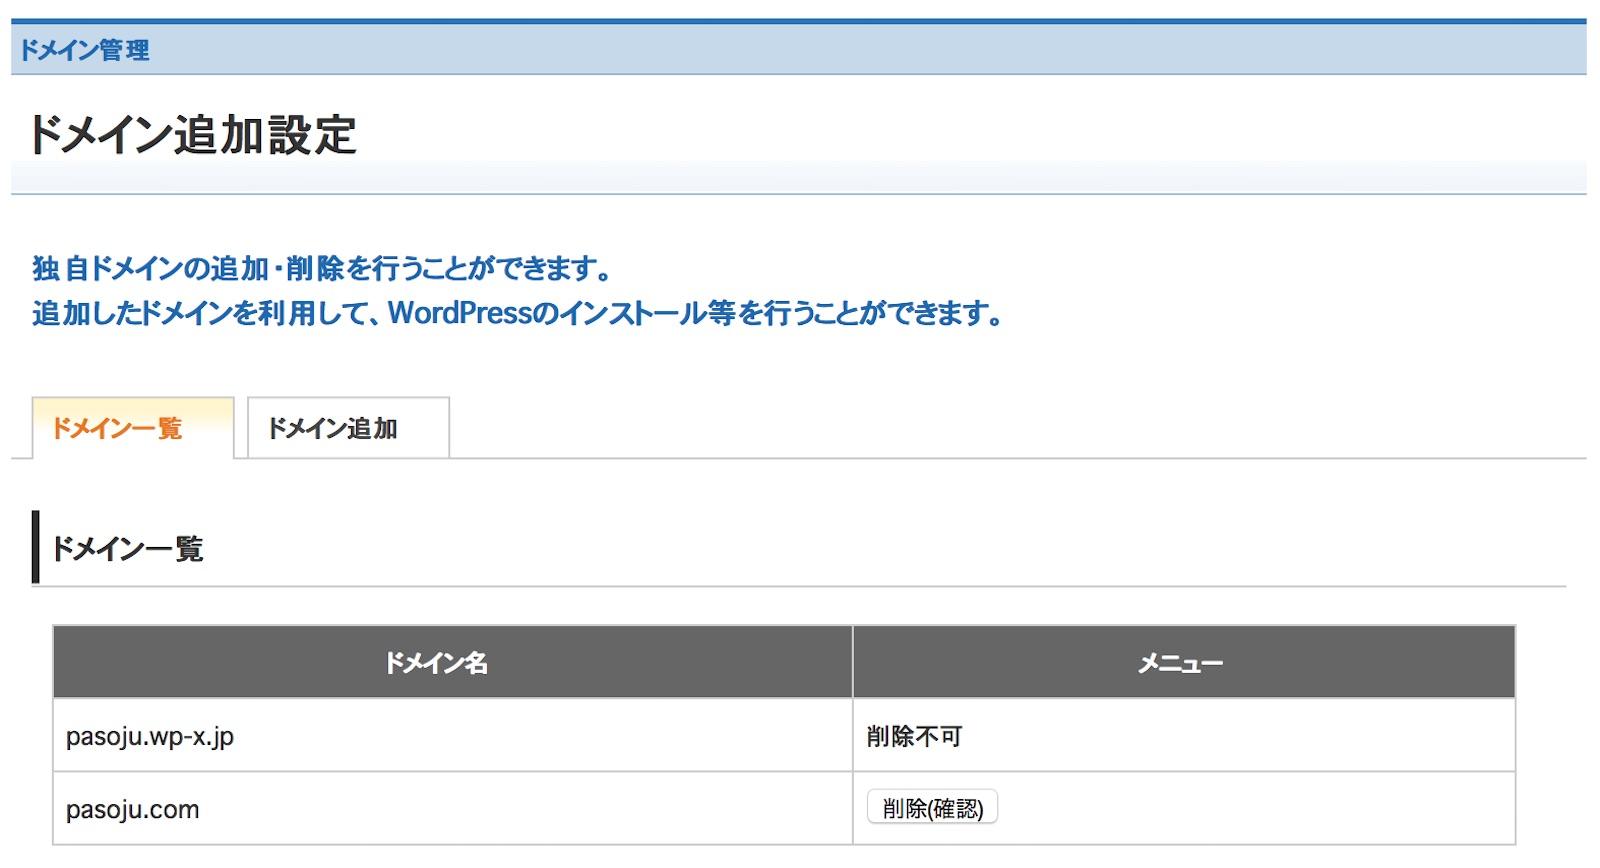 wpXレンタルサーバー ドメイン設定